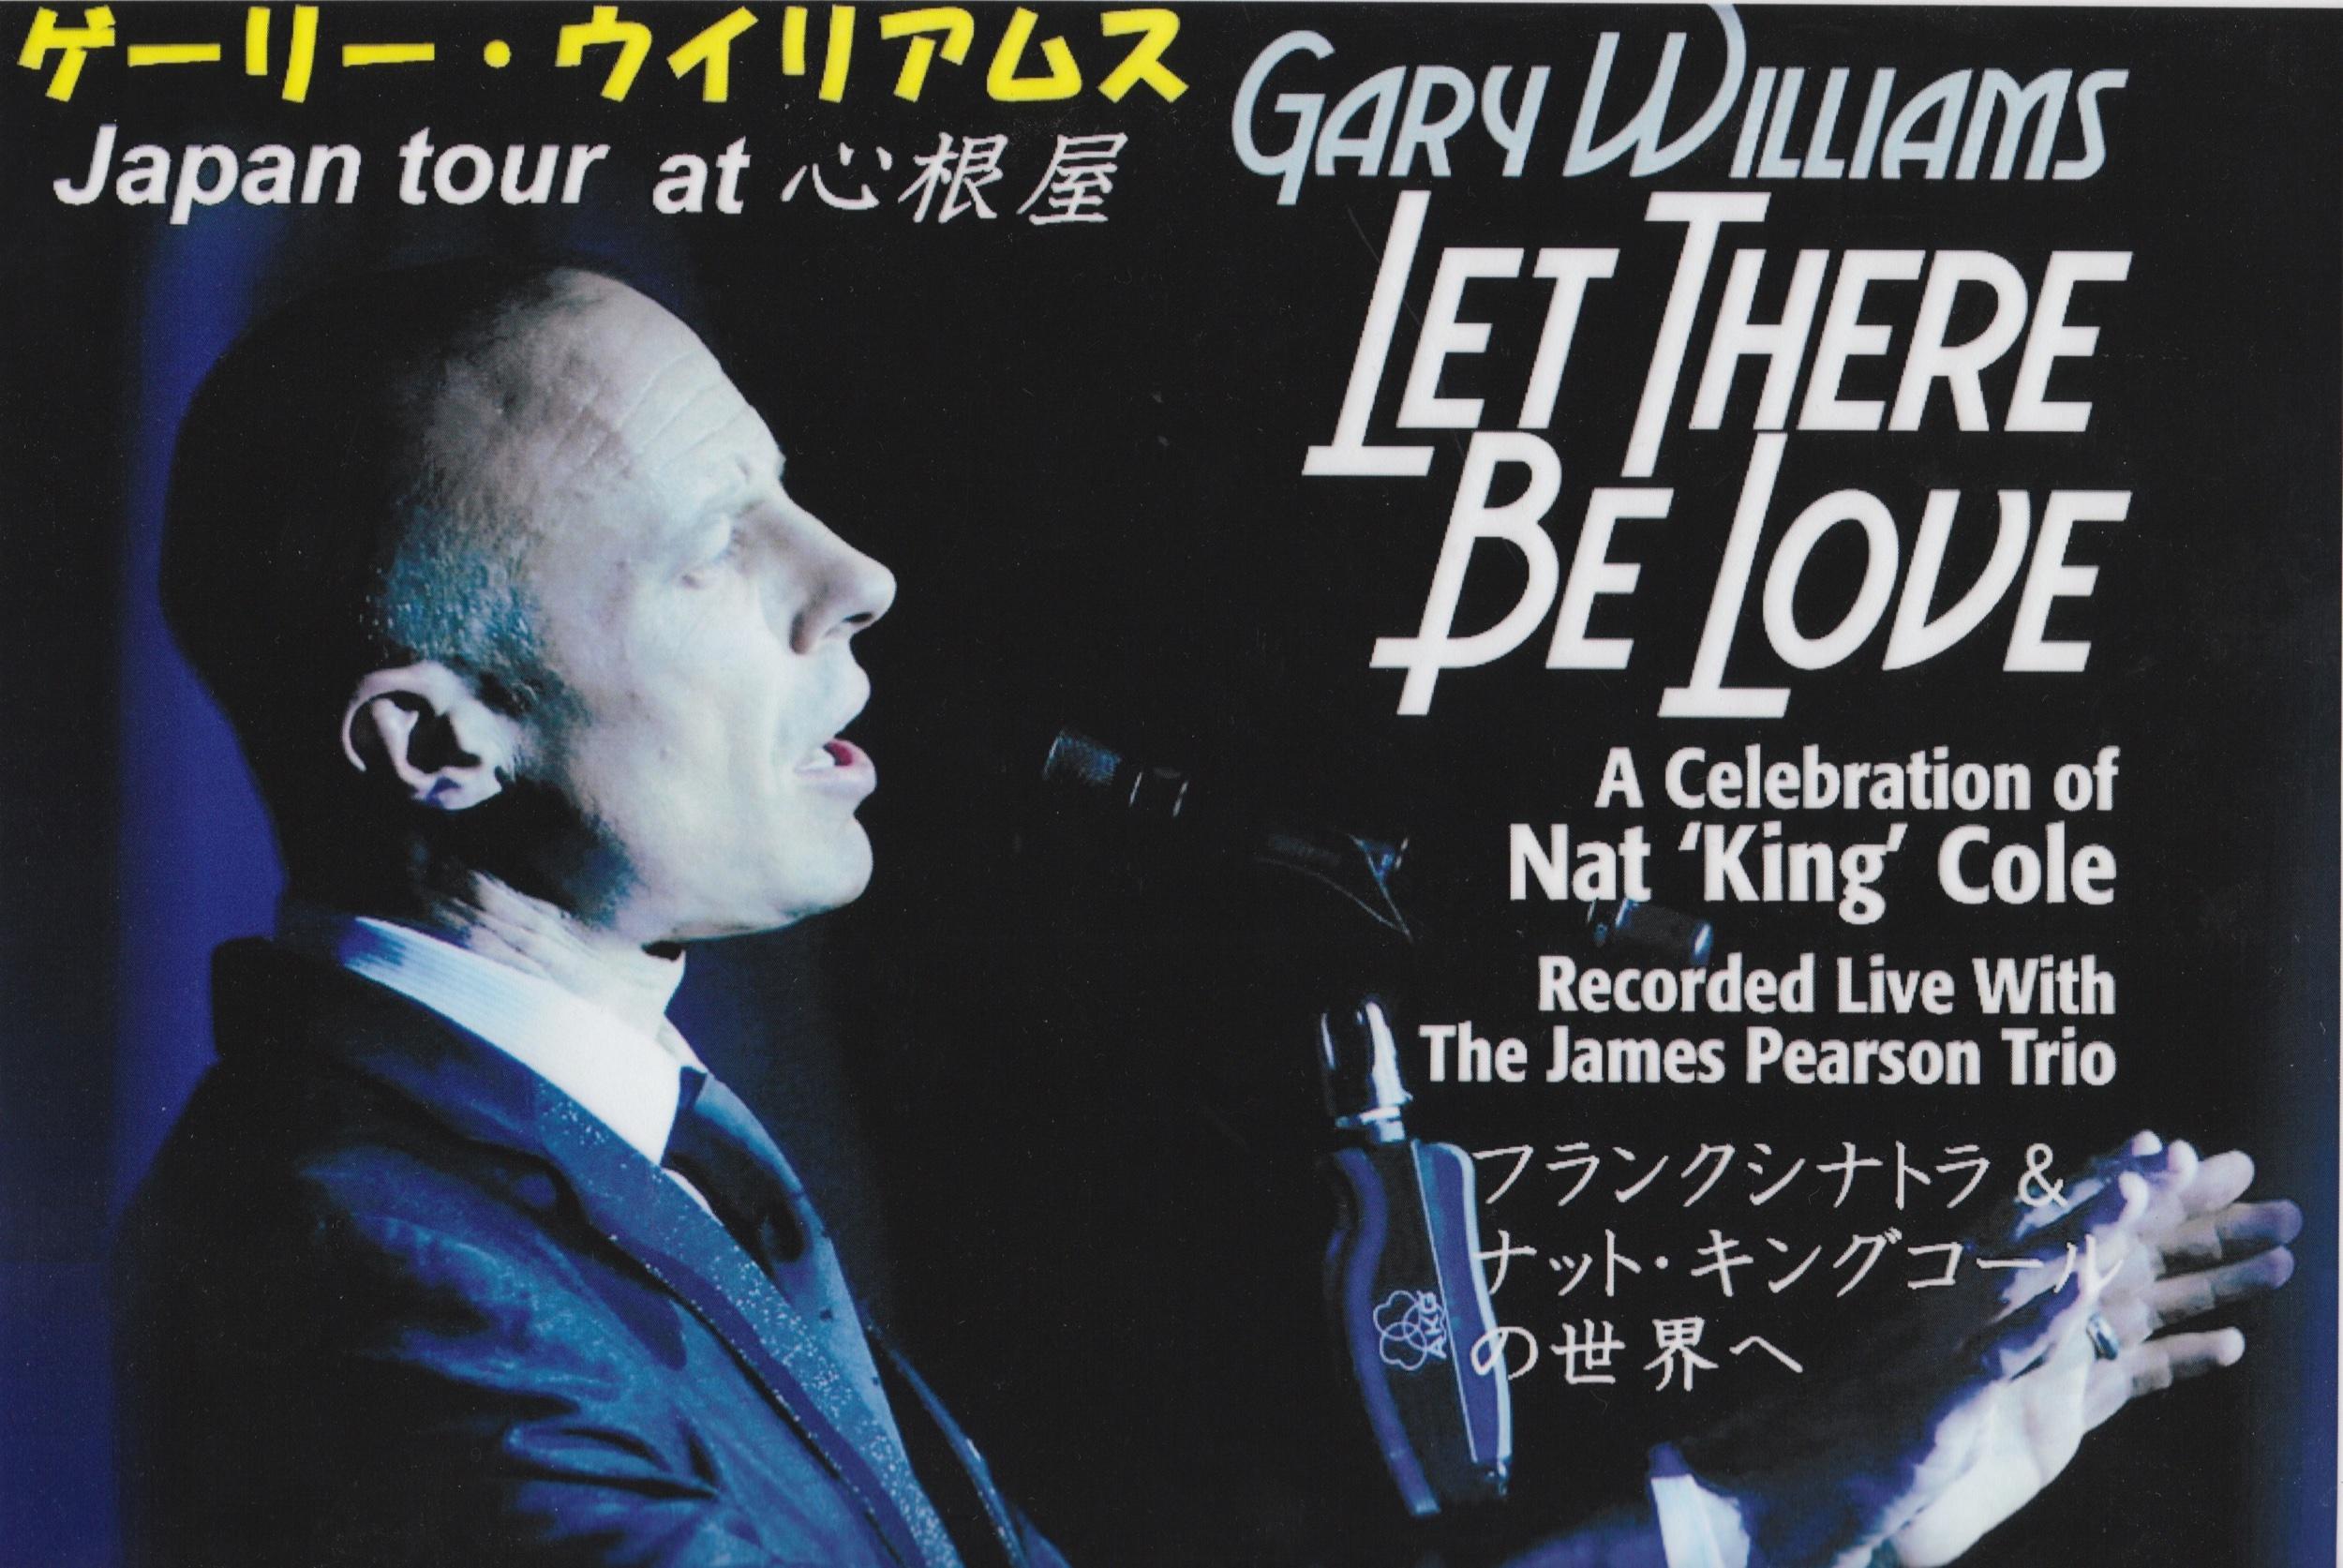 Japan tour poster.jpeg